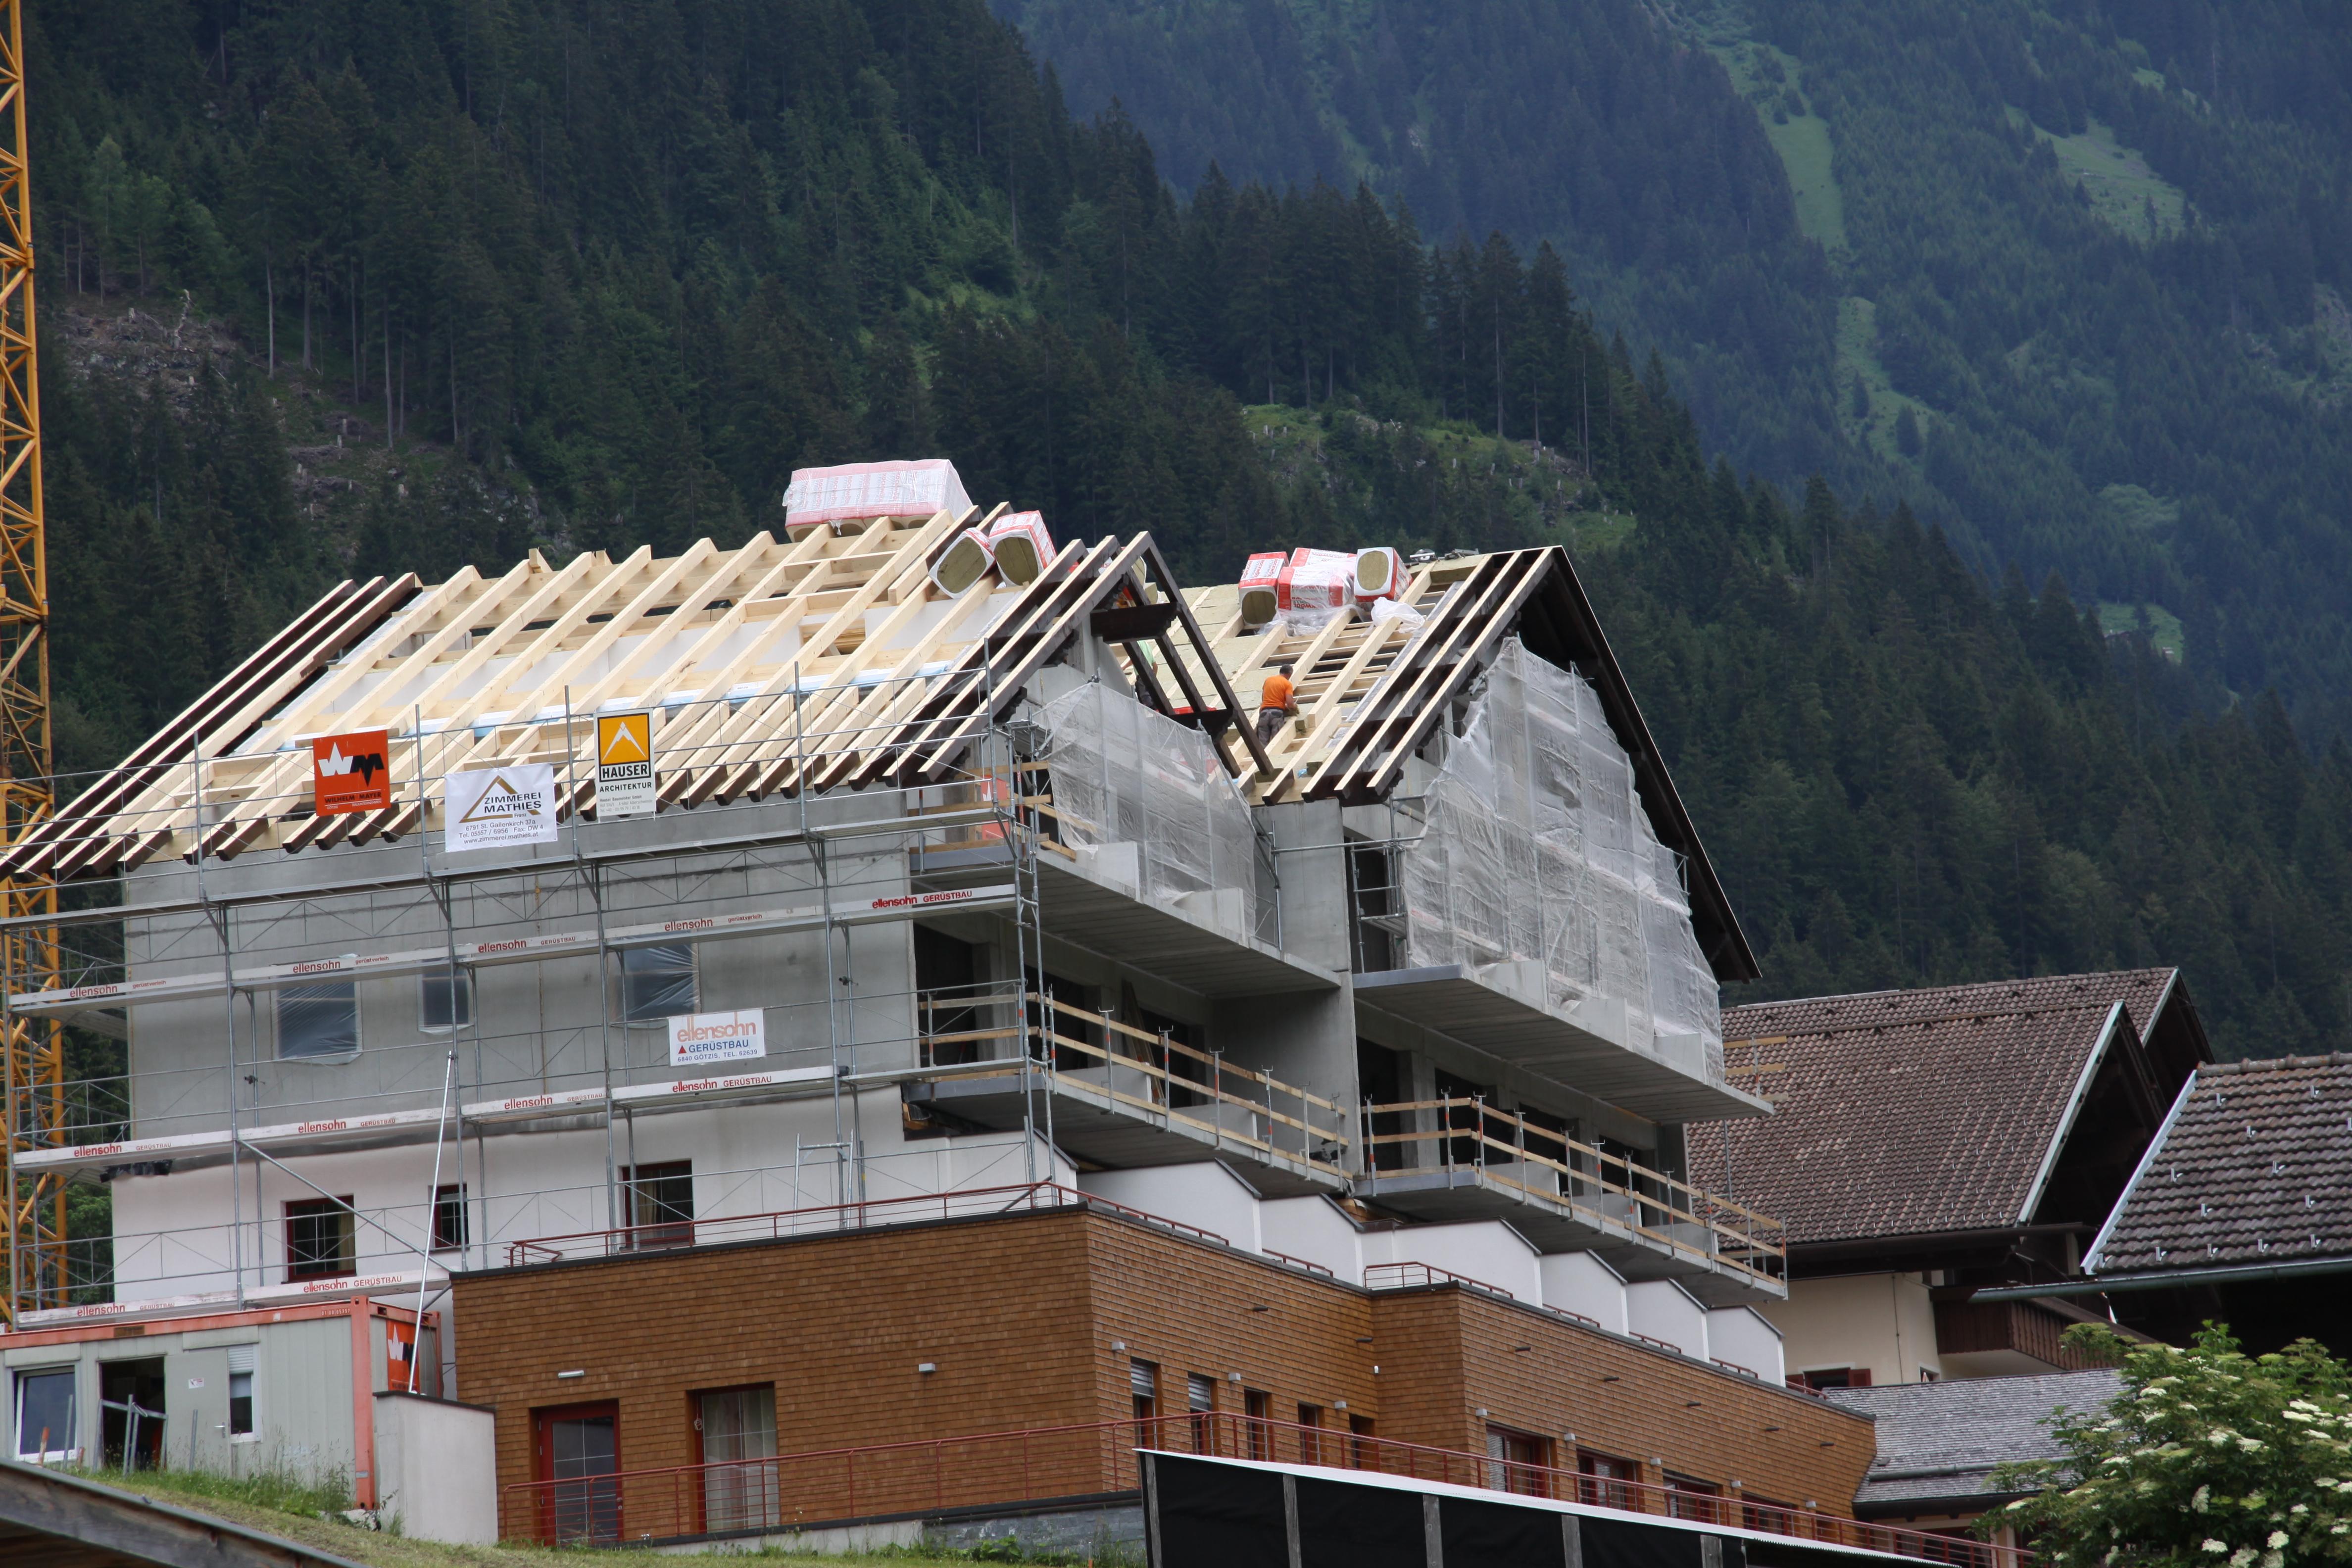 Hotel Zamangspitze, St. Gallenkirch